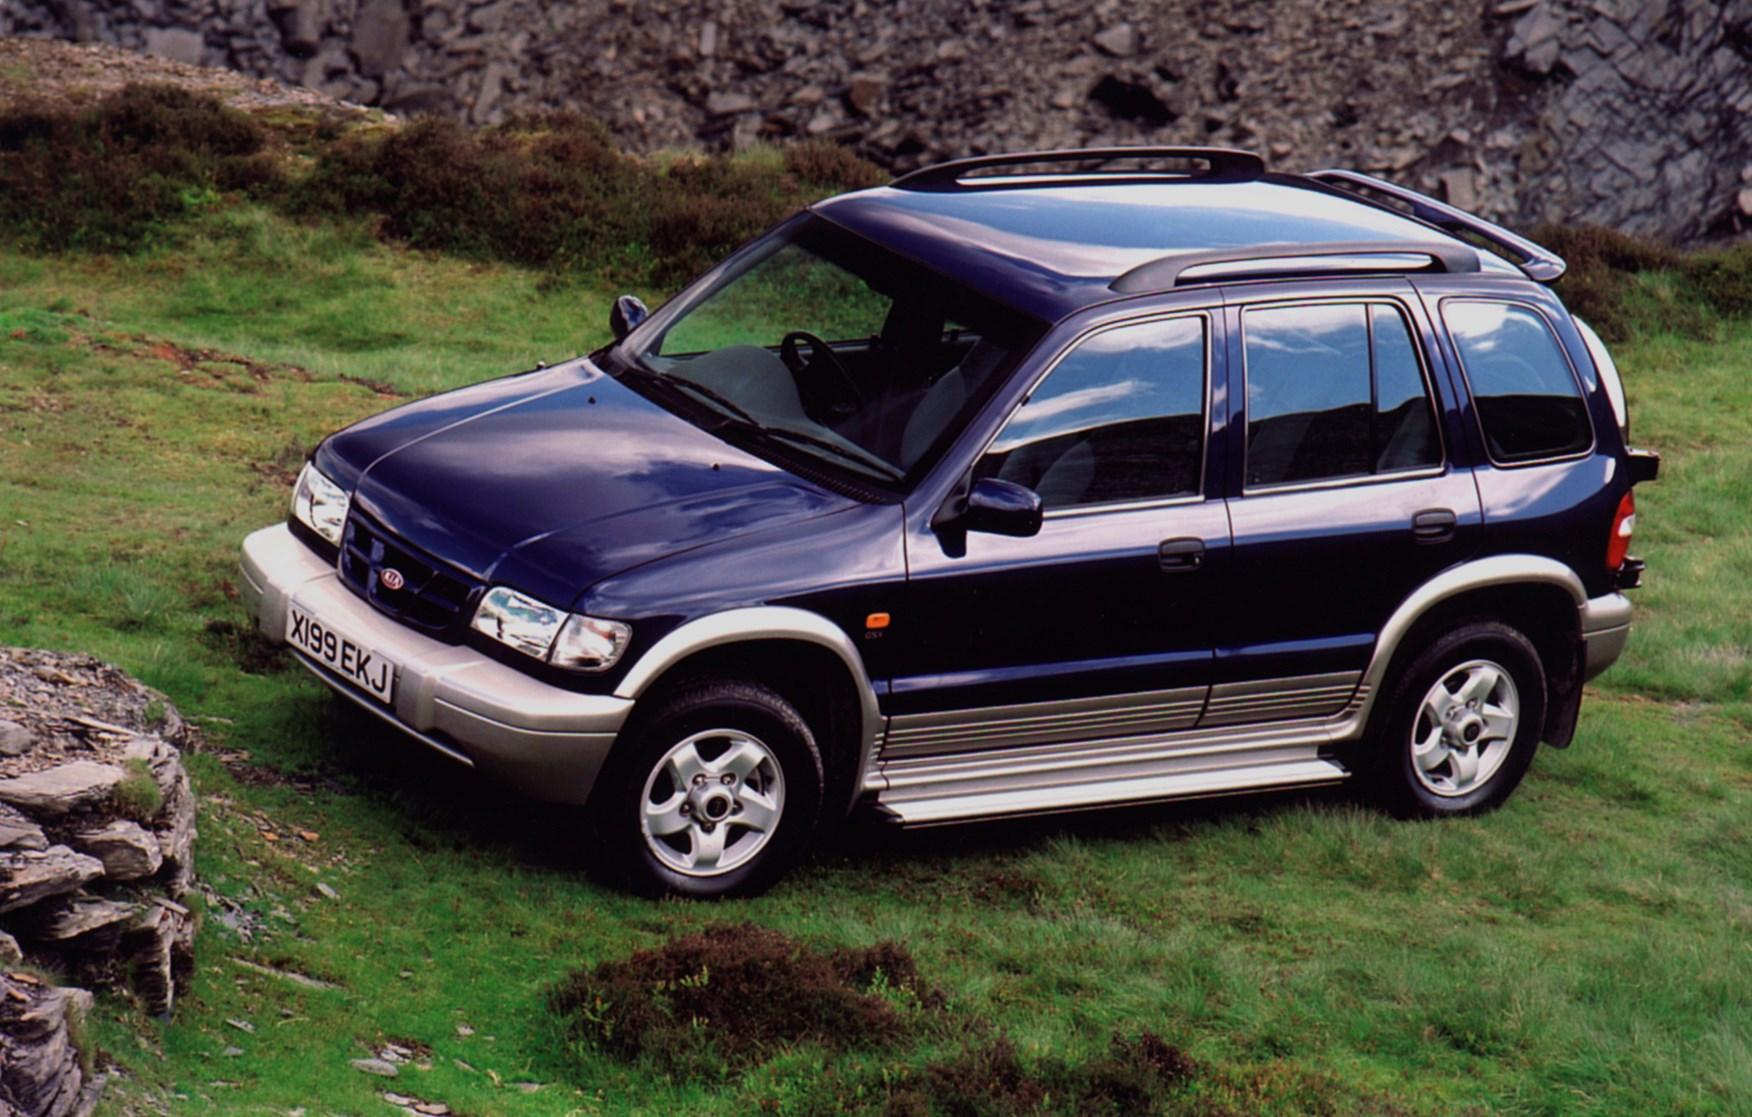 Kia Sportage Estate Review (1995 - 2003)